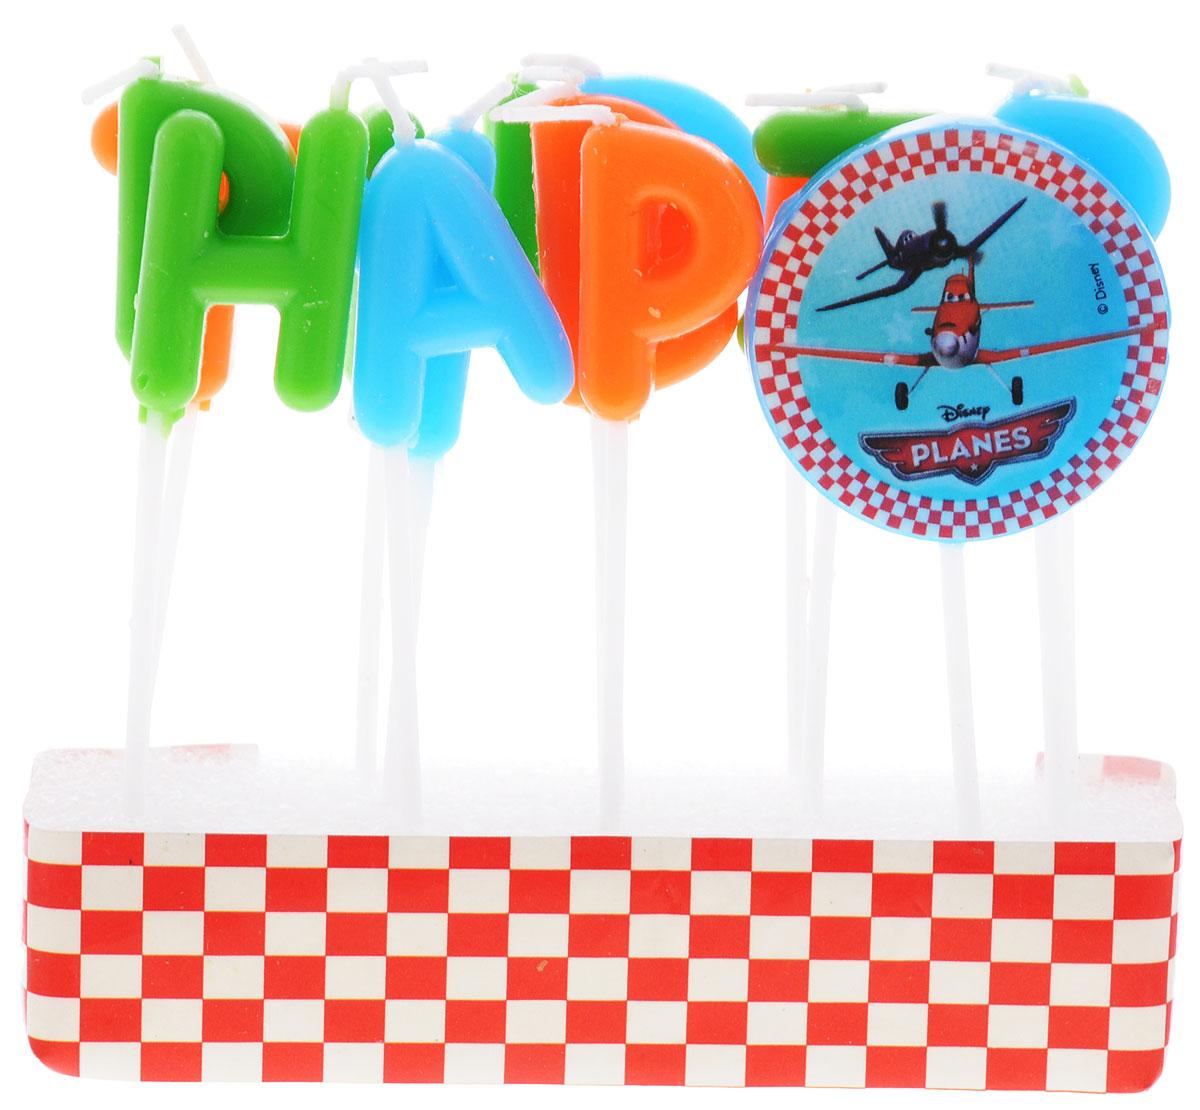 Procos Свечи-буквы для торта детские Самолеты Happy Birthday82108Свечи-буквы для торта Procos Самолеты: Happy Birthday - это оригинальные свечи, состоящие из латинских букв, с помощью которых на праздничном торте можно сложить слова Happy Birthday. Каждая свеча находится на деревянной палочке, благодаря чему зафиксировать их в торте не составит трудности. Значок с изображением героев одноименного мультфильма украсит торт. В наборе: 13 свечей-букв и 1 свечка со значком.